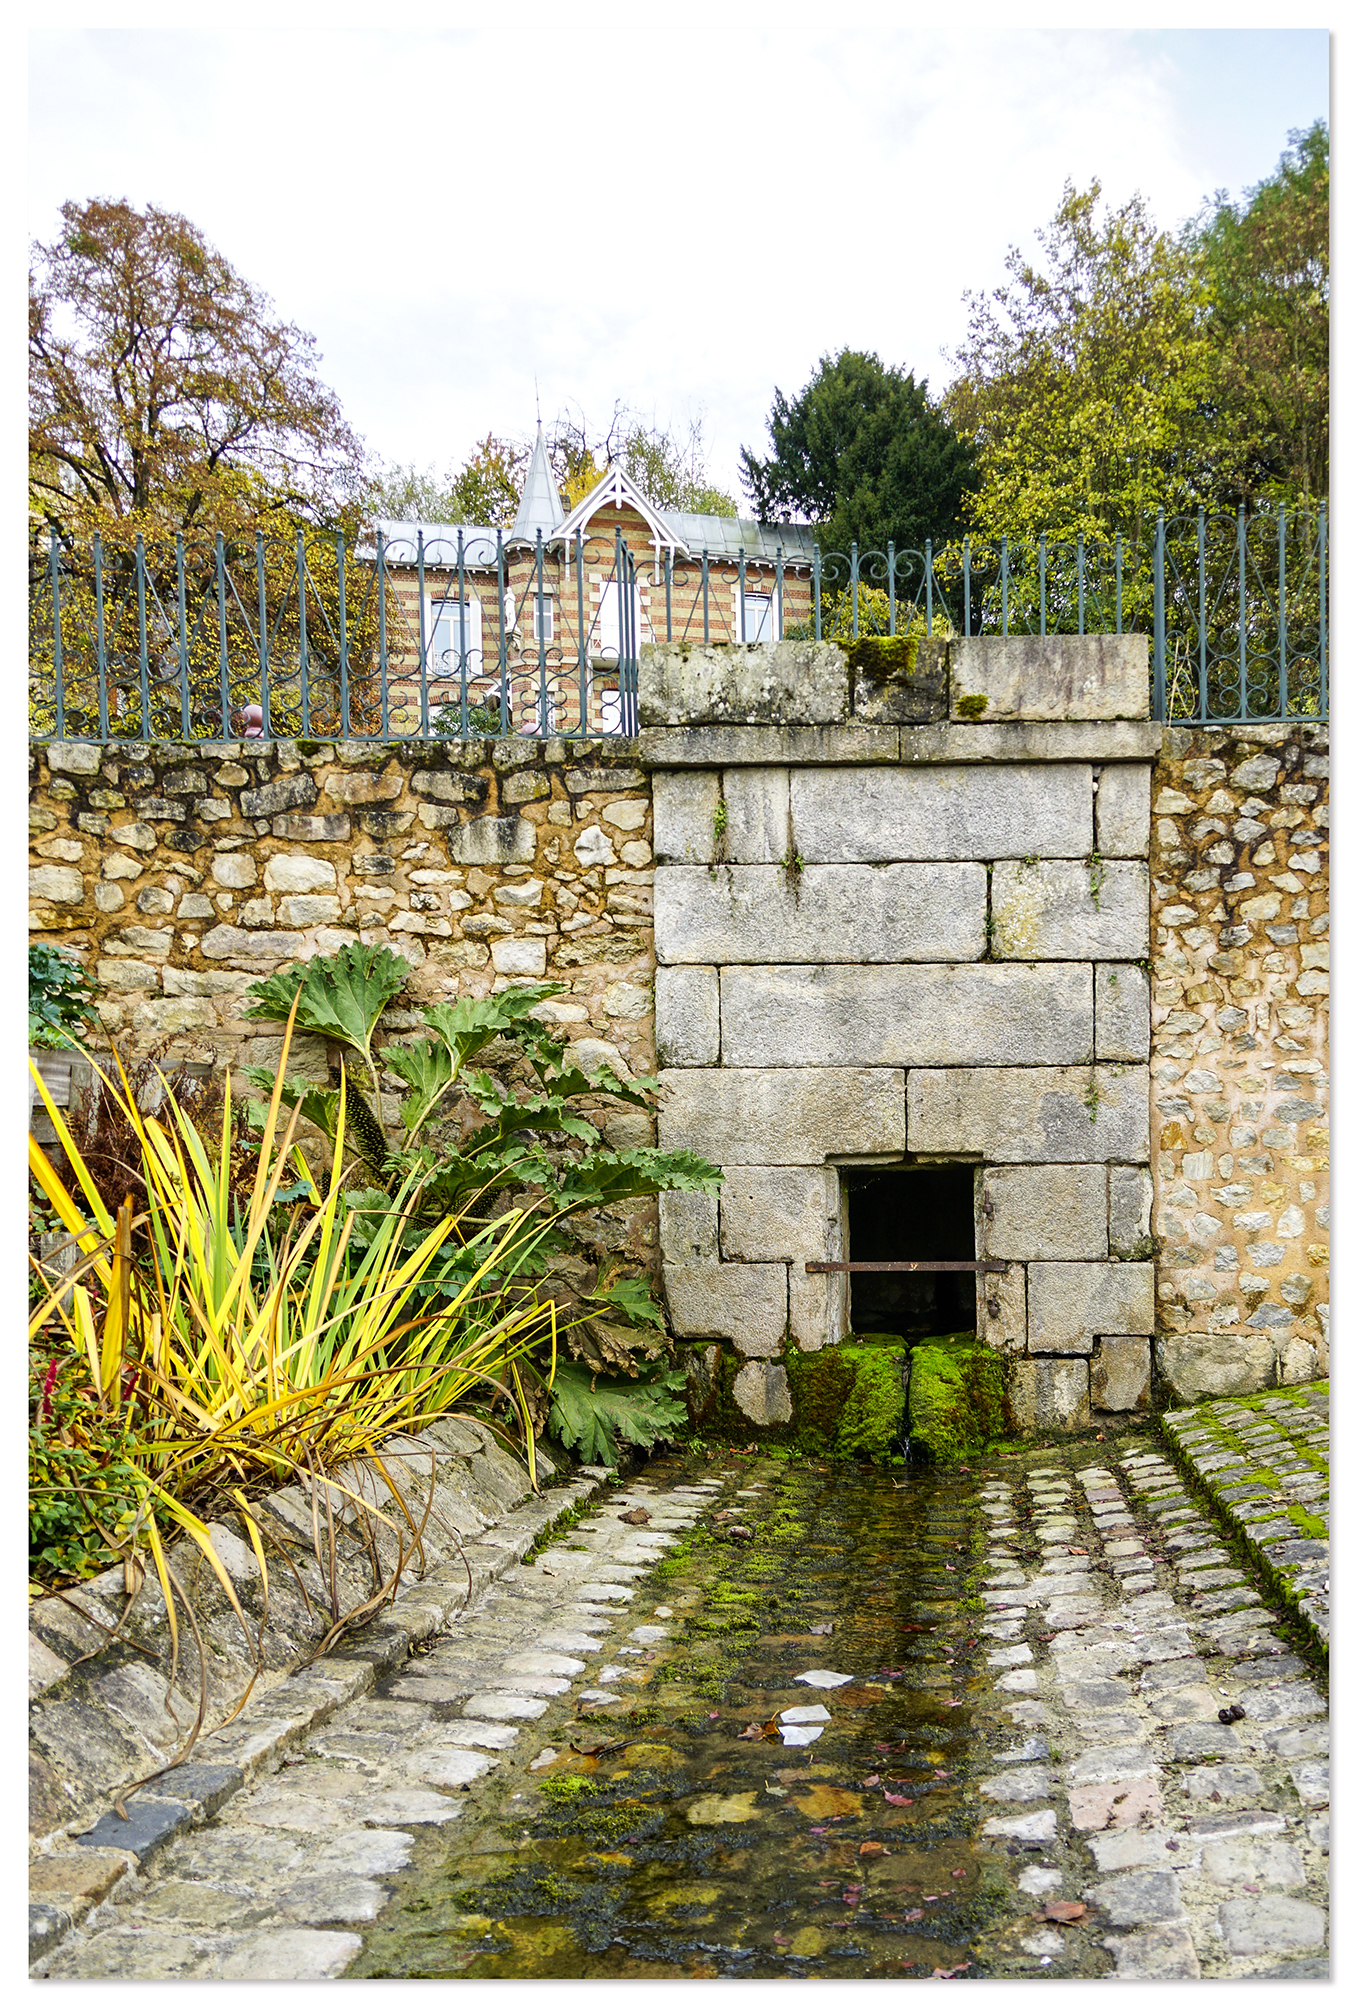 72 - Fontaine Abel du XVIIIème siècle, le Mans - Sarthe